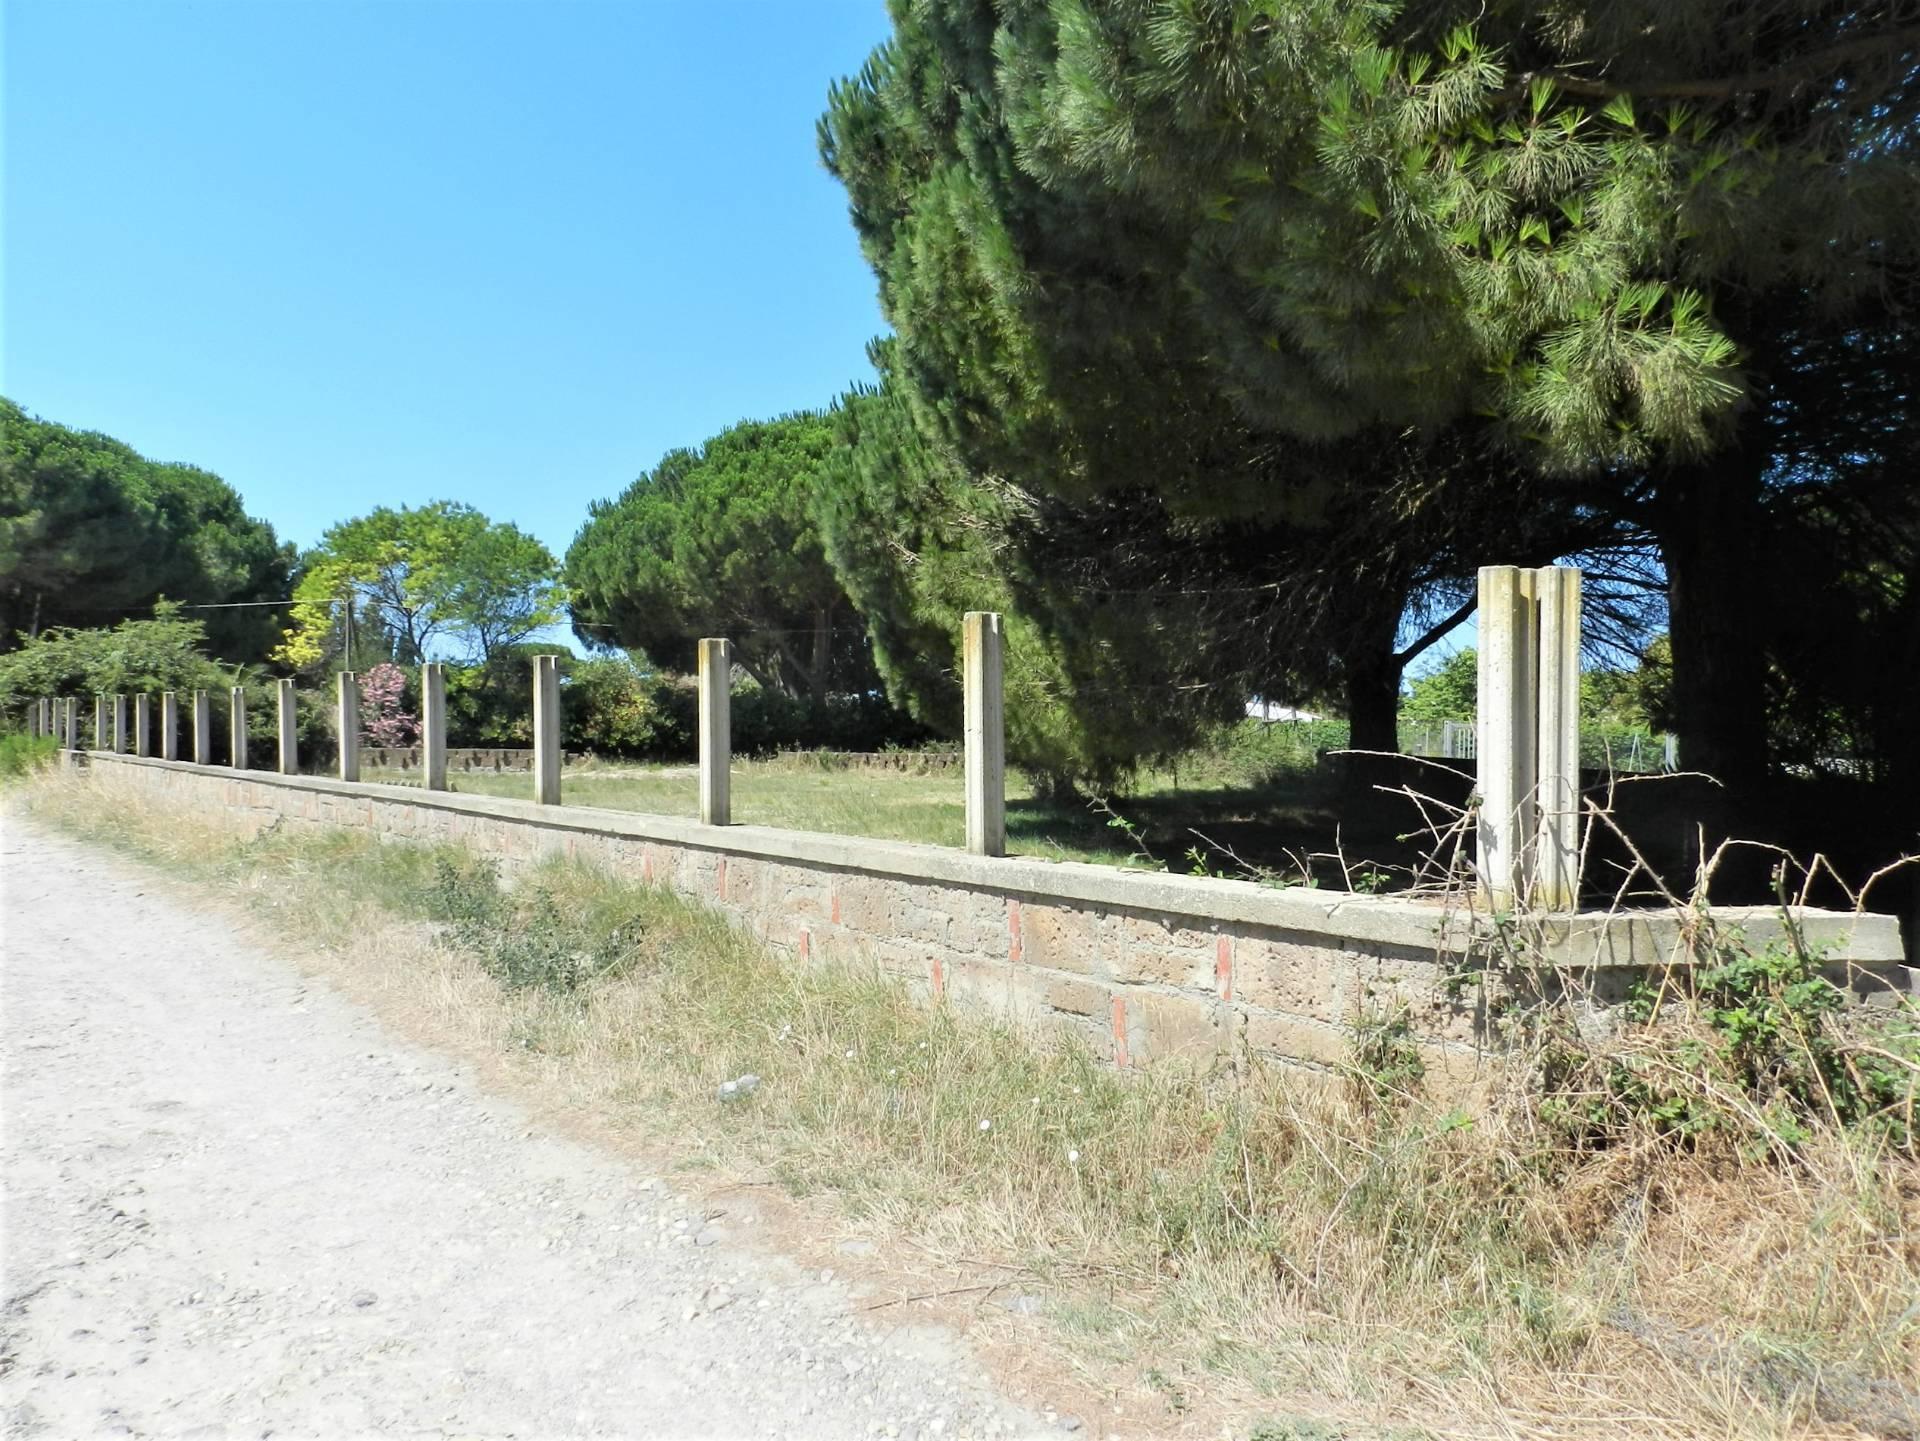 Terreno Agricolo in vendita a Tarquinia, 9999 locali, zona Località: SanGiorgio, prezzo € 25.000 | CambioCasa.it